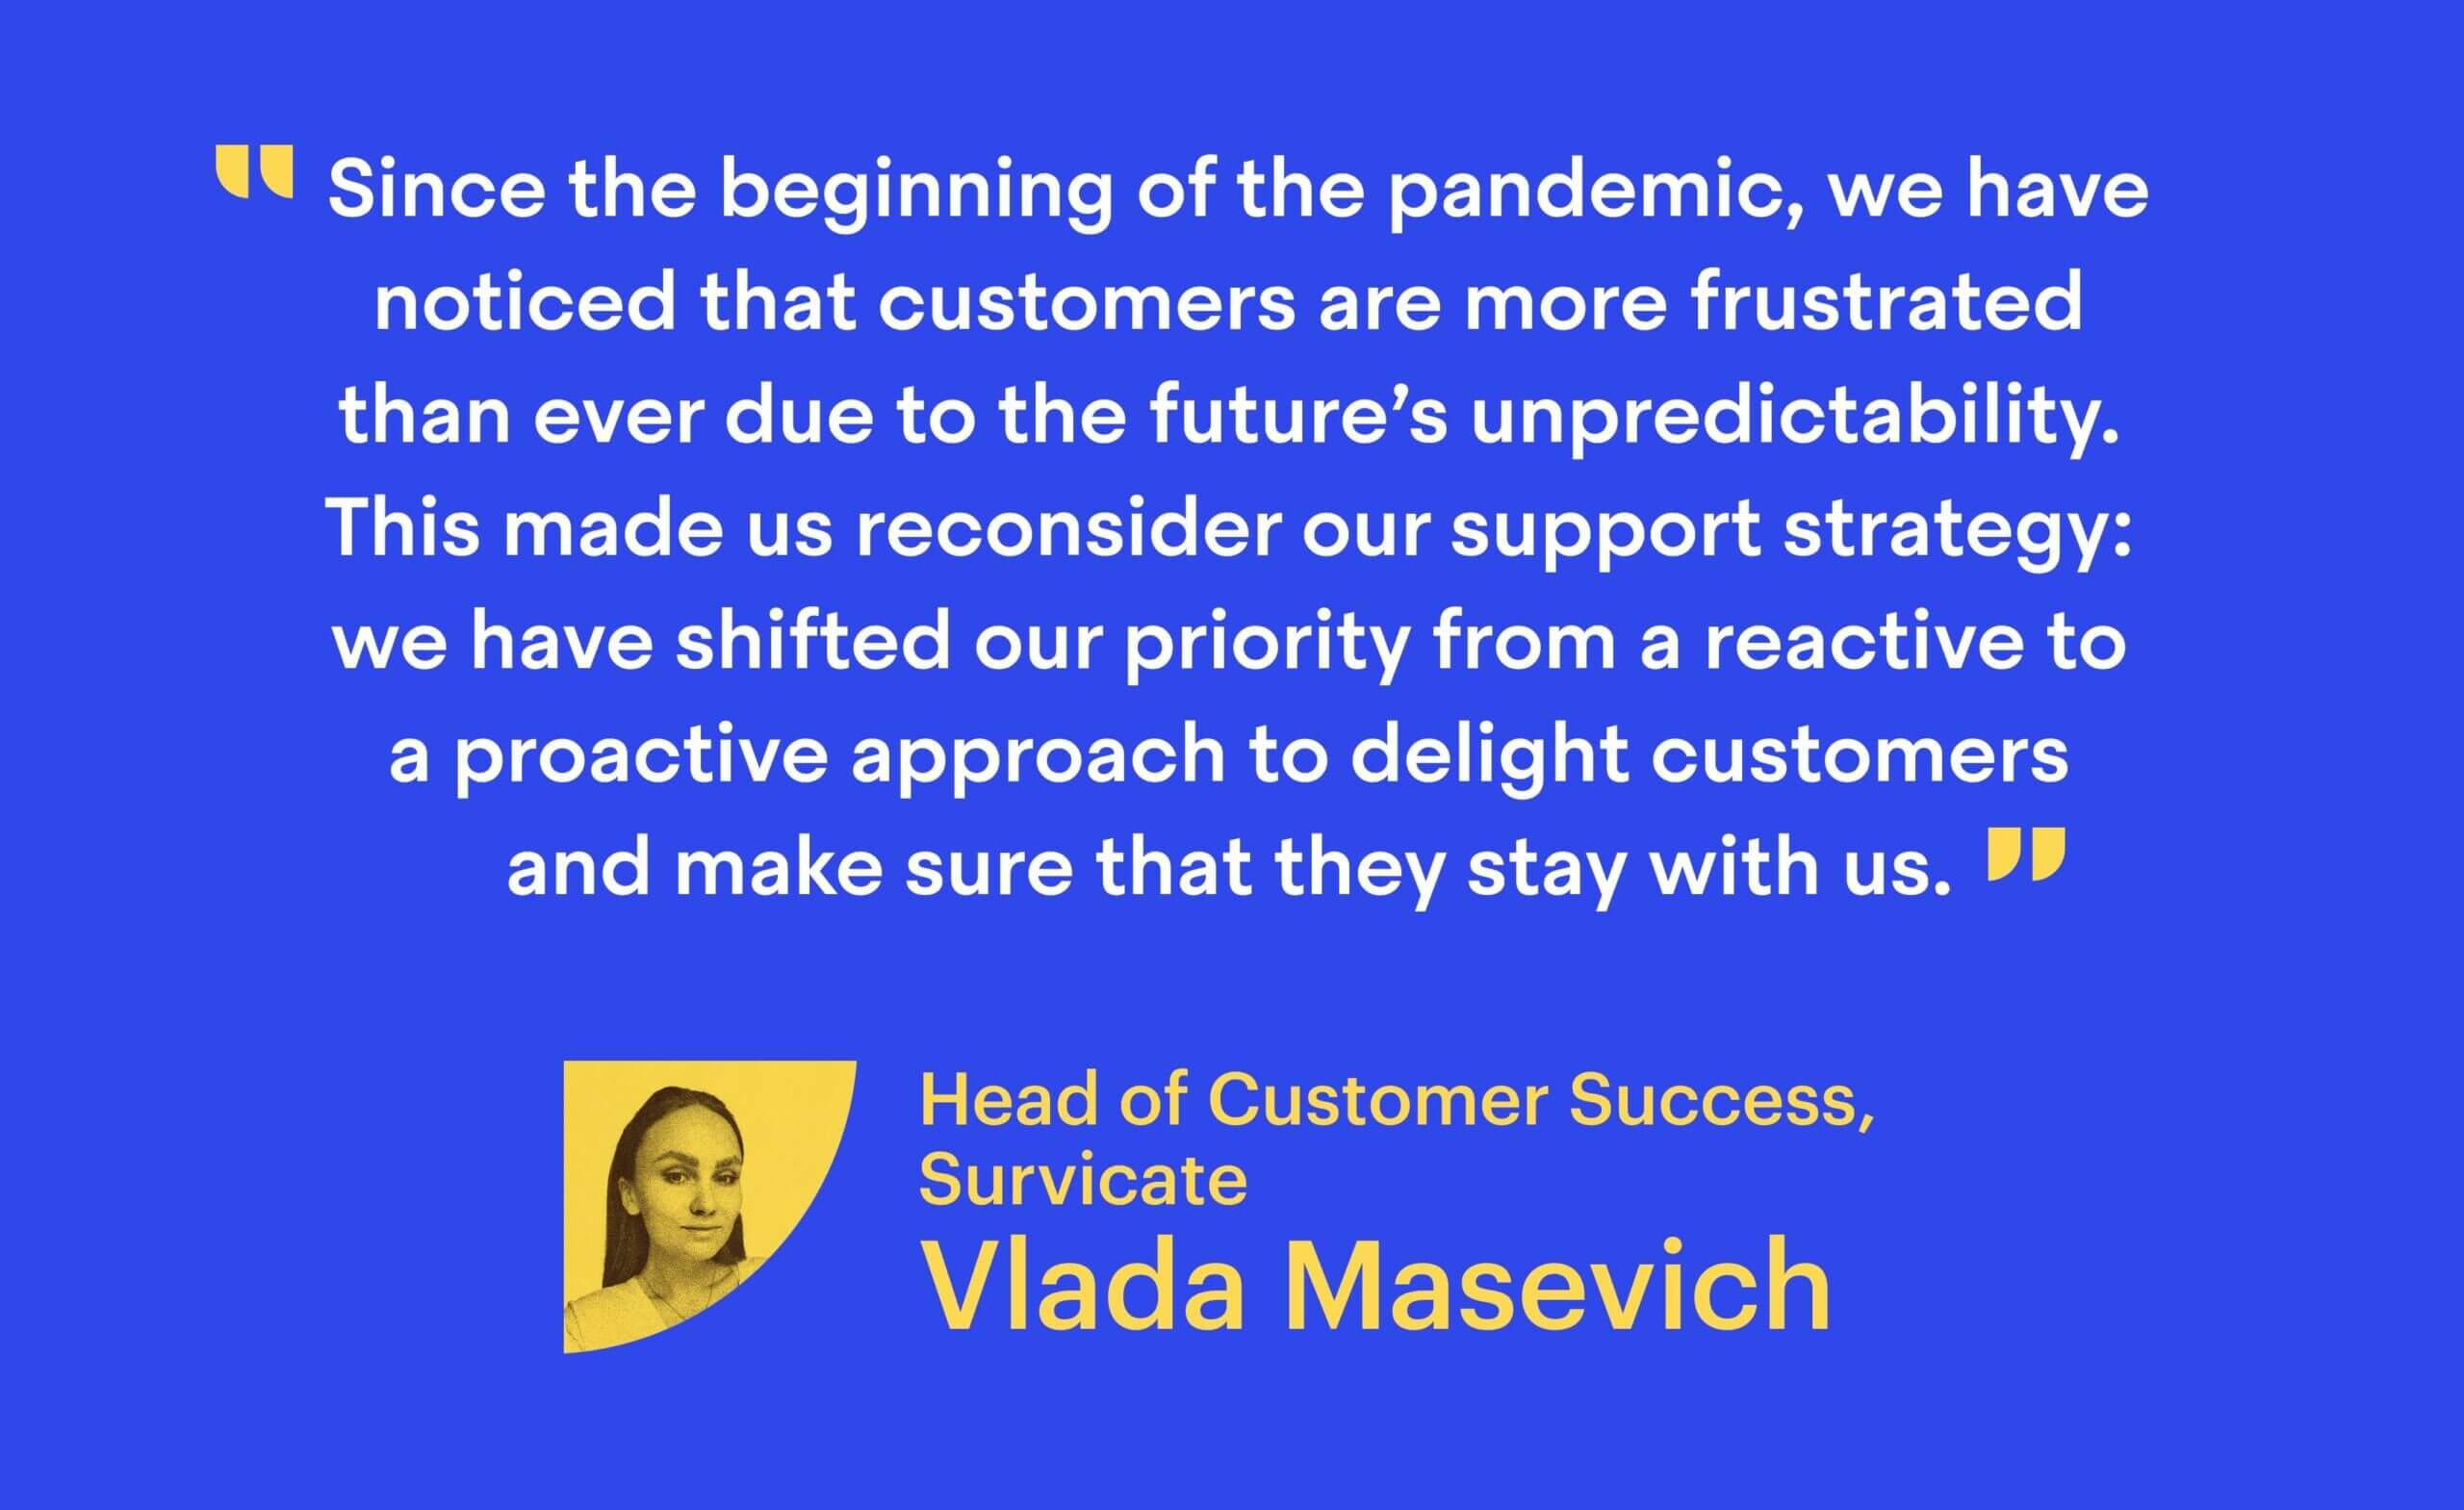 Vlada Masevich, Head of Customer Success at Survicate